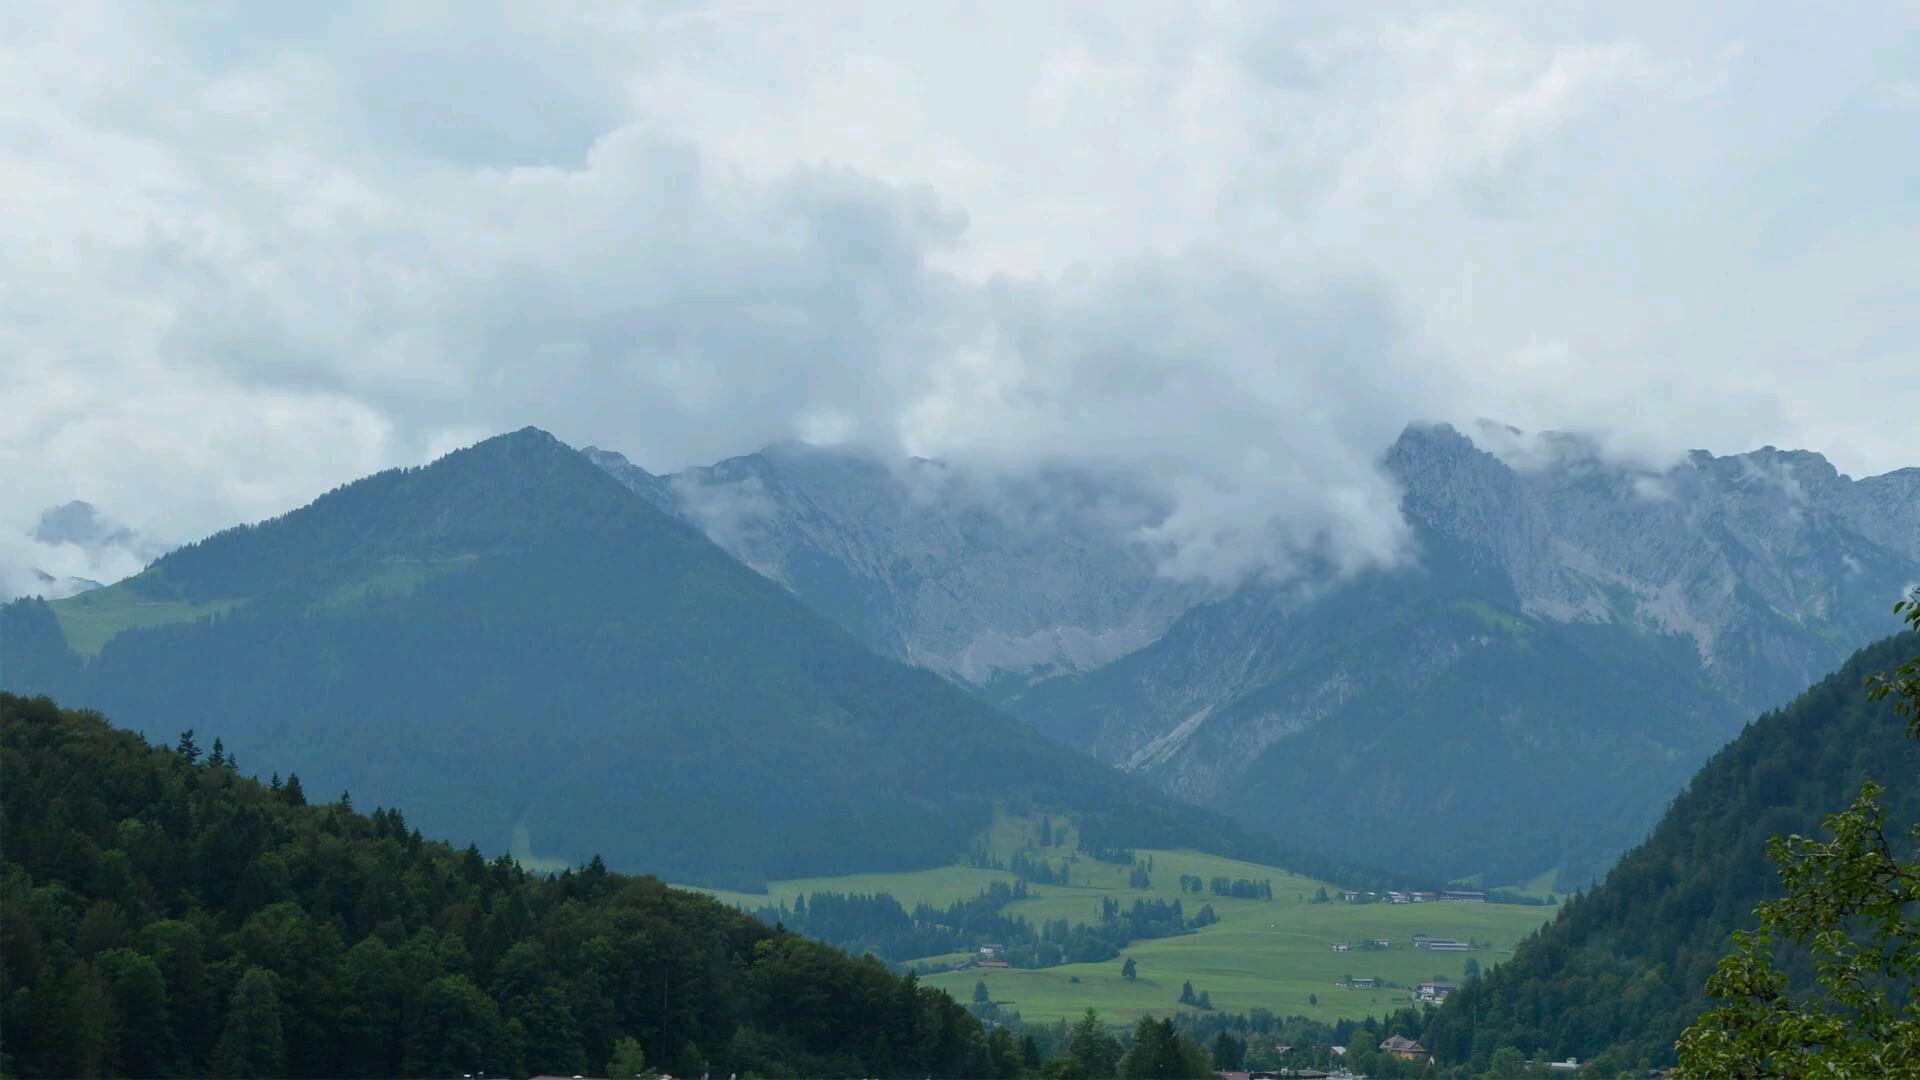 گیف طبیعت قشنگ و زیبا سوئیس